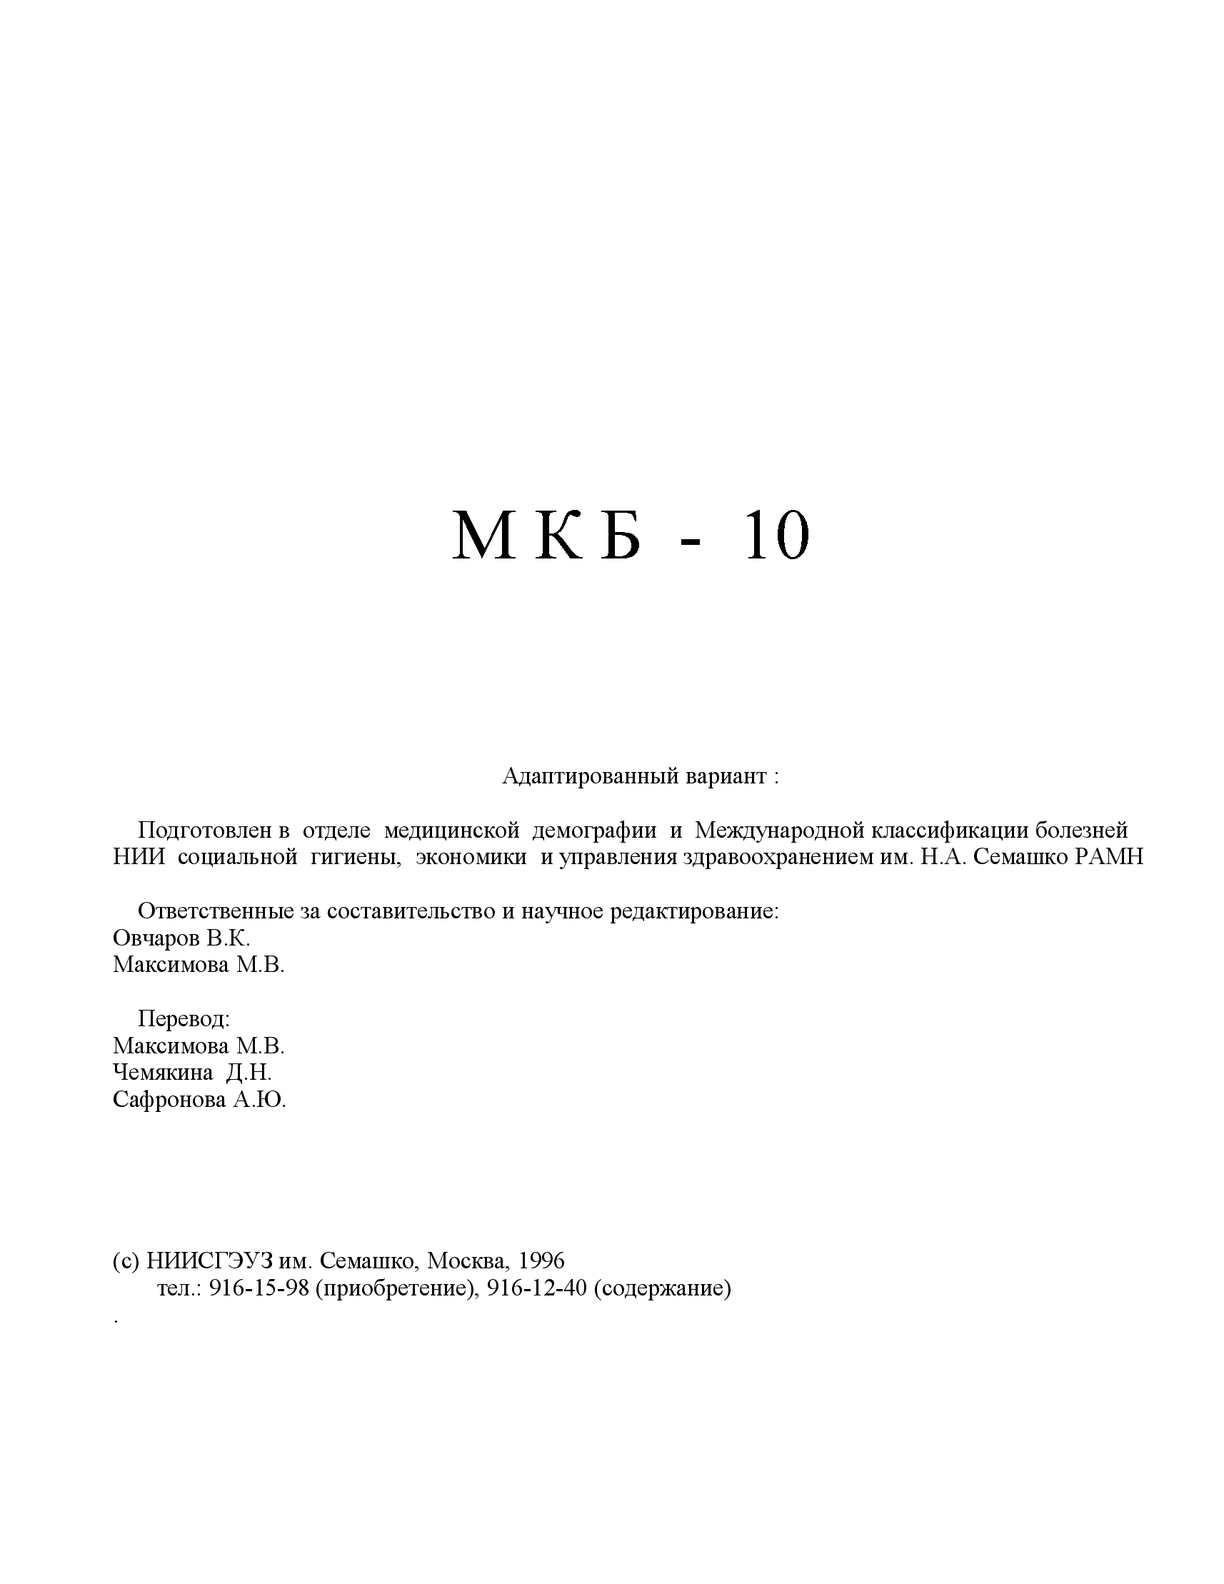 Международная классификация болезней 10-го пересмотра (мкб-10)